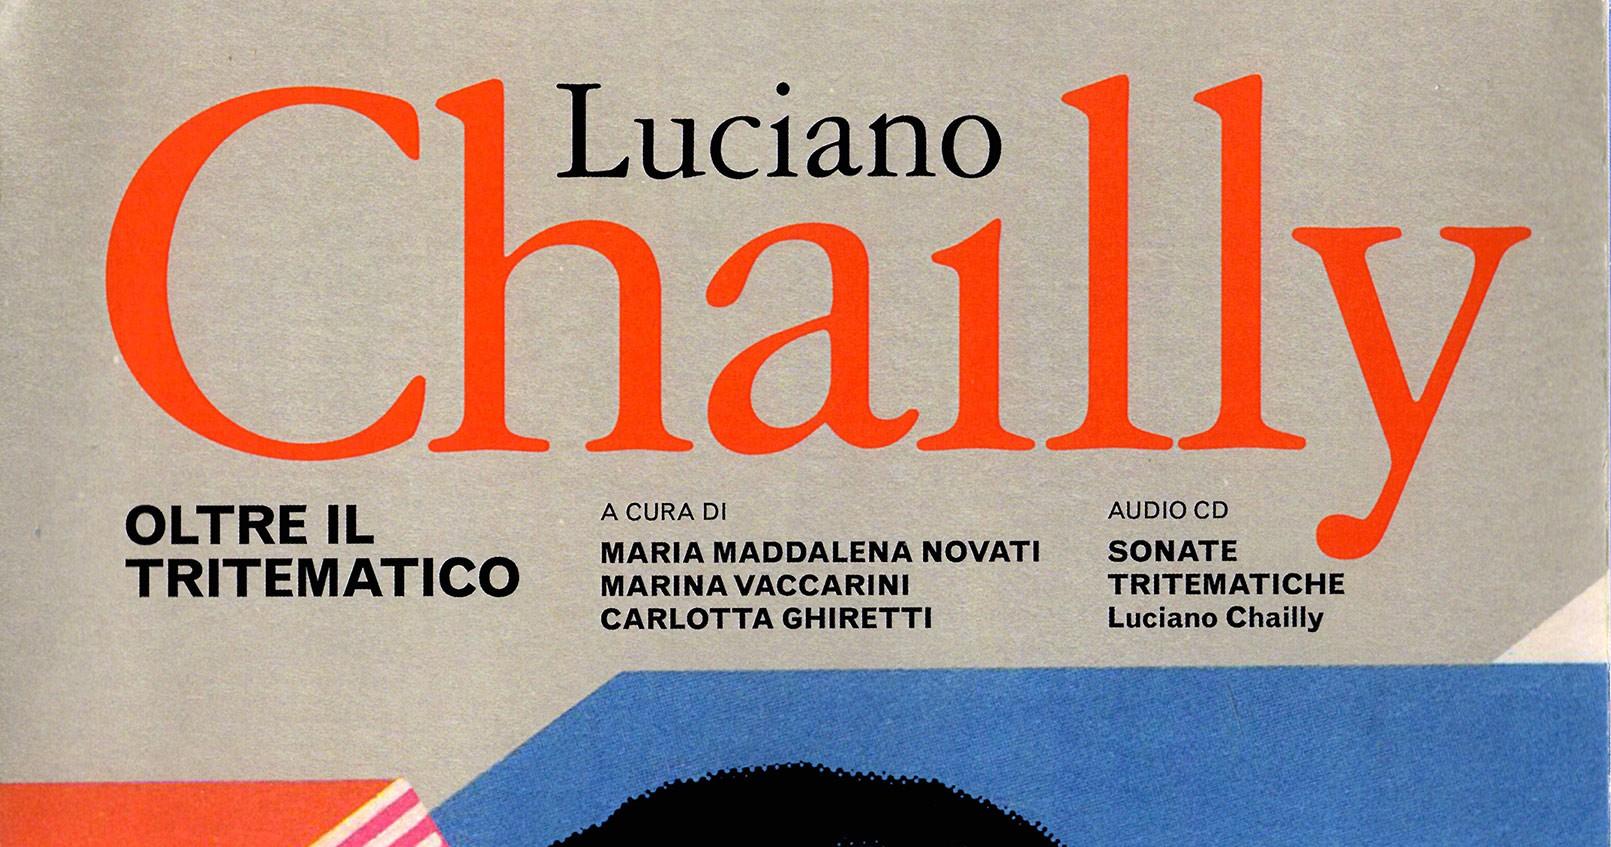 Luciano Chailly - Oltre il tritematico-NoMus